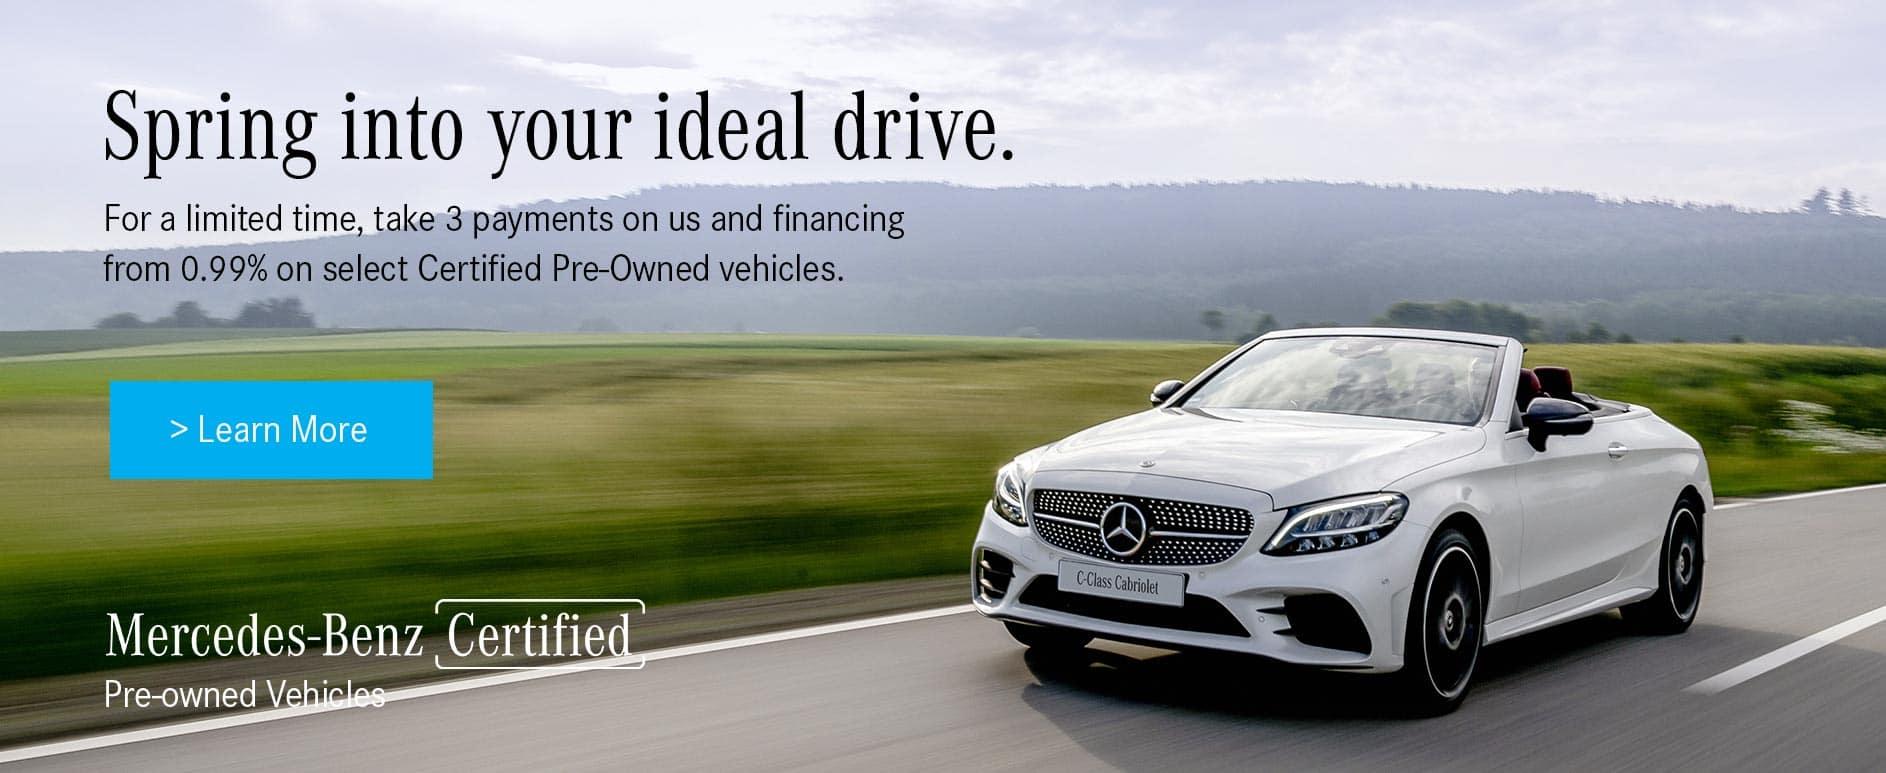 Offres d'occasion certifiées chez Star Motors of Ottawa.